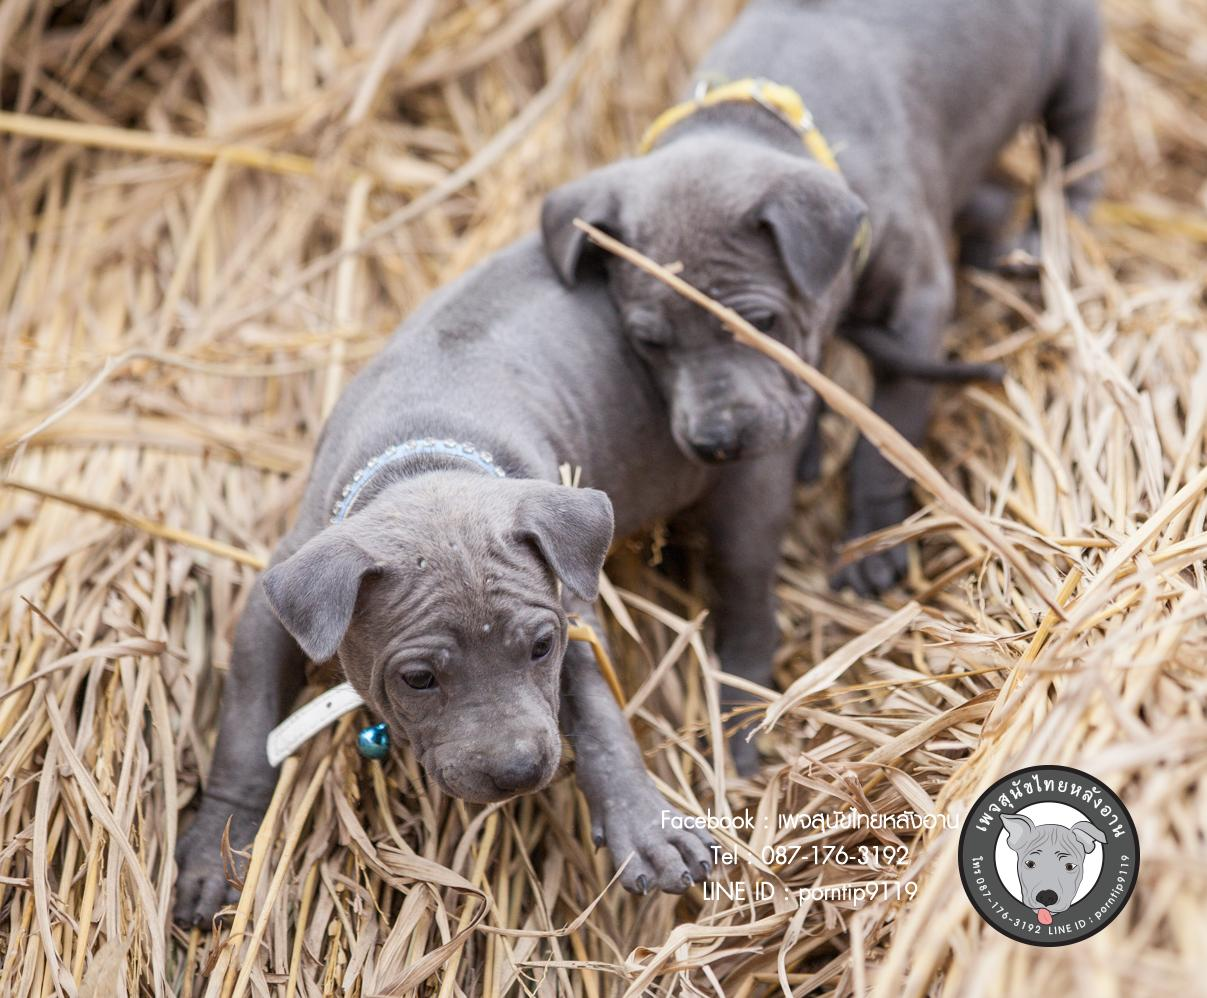 สุนัขไทยหลังอาน ขายสุนัขไทยหลังอาน   ลูกสุนัขไทยหลังอานnet-0083dsd